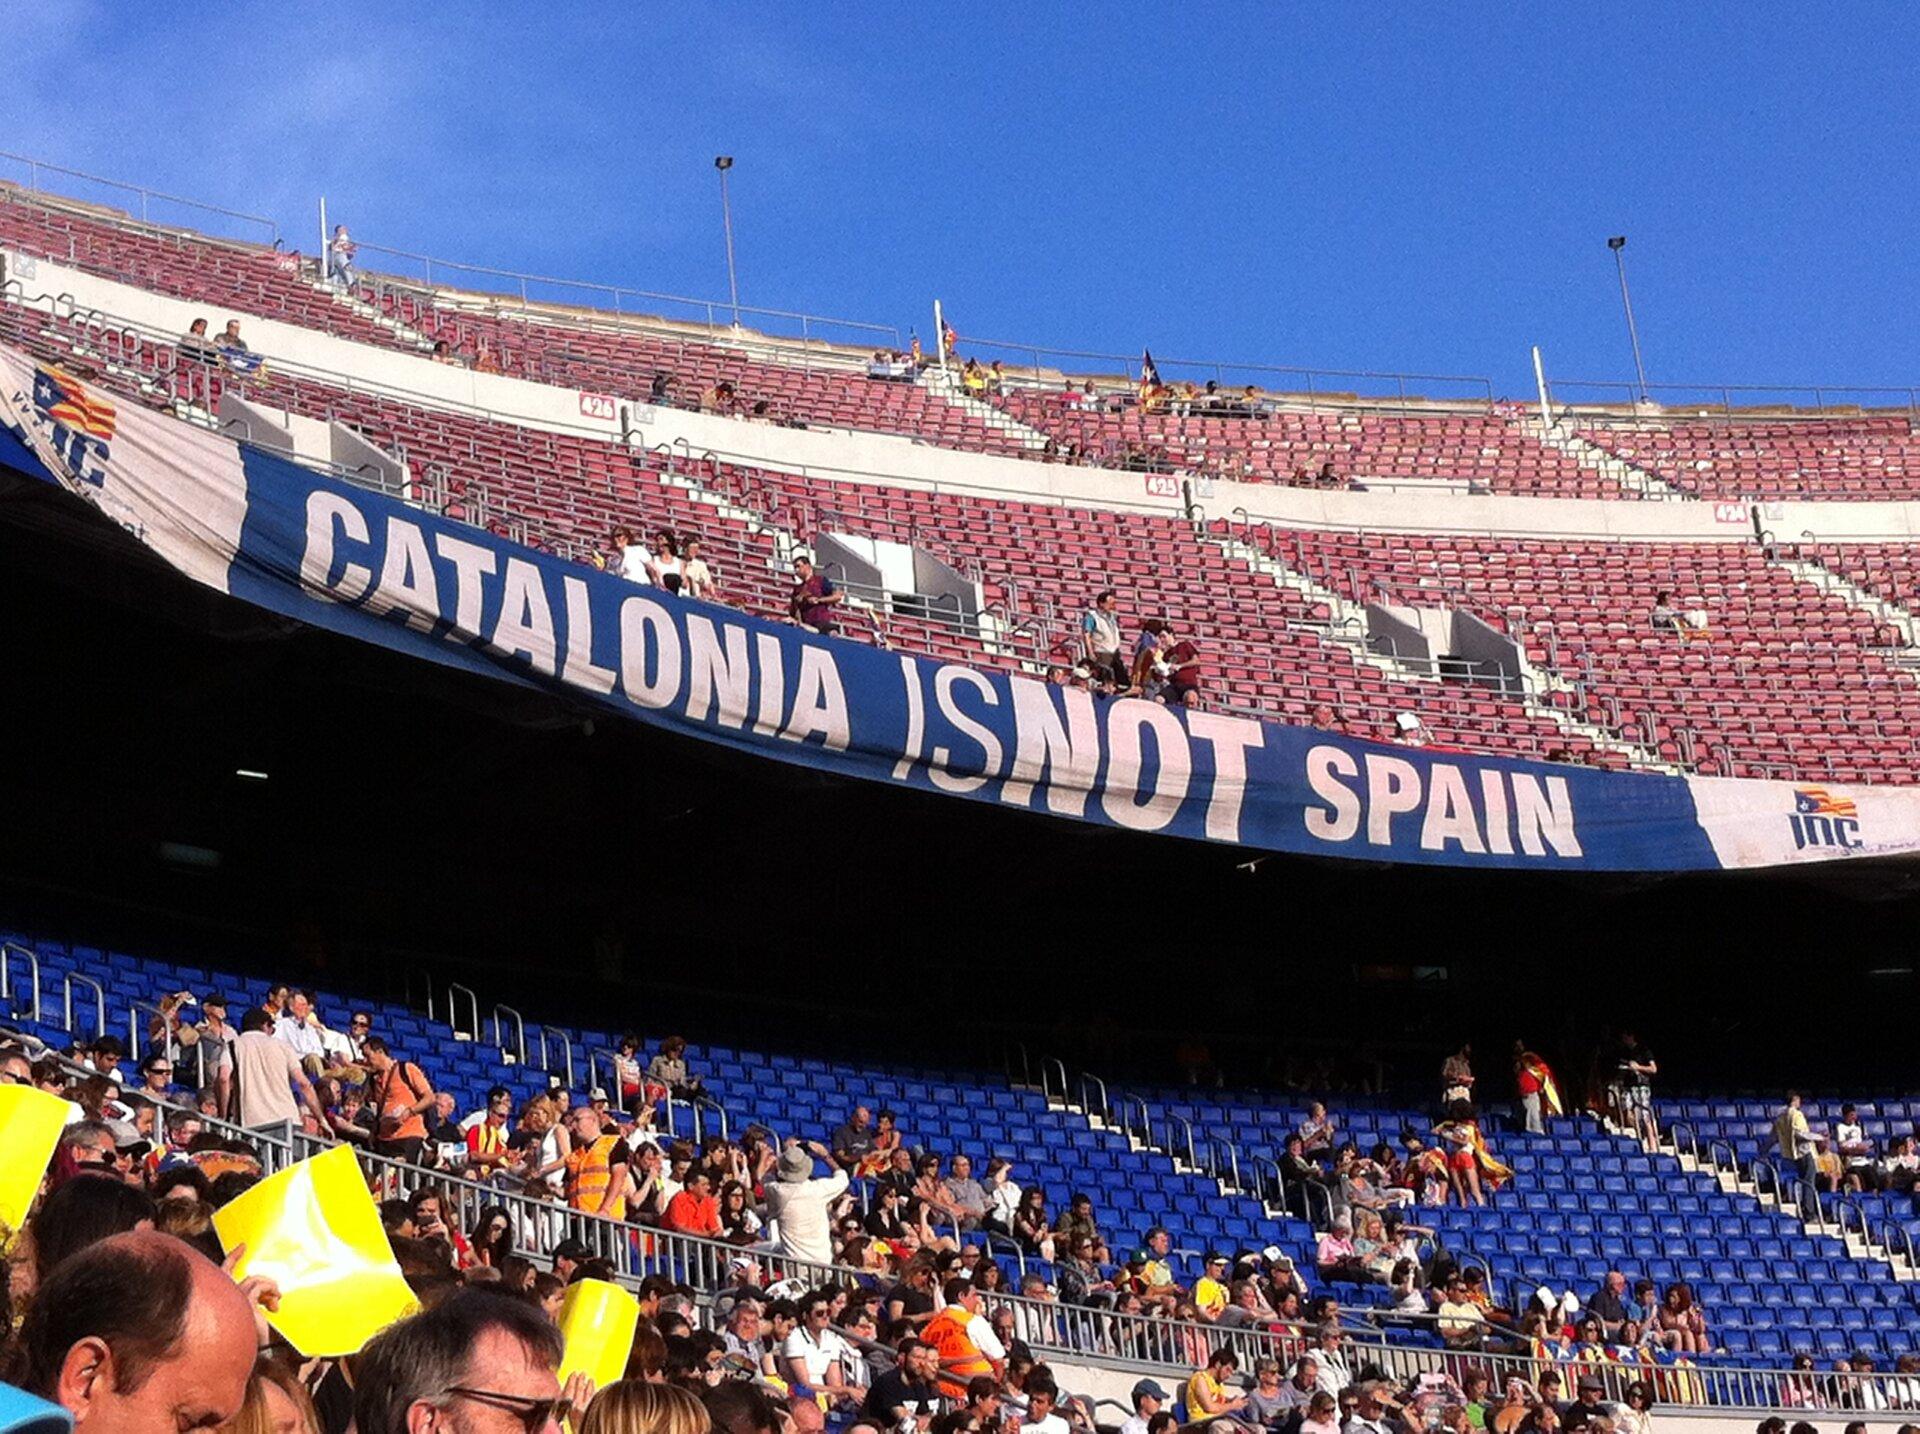 """Zdjęcie przedstawia duży stadion sportowy, częściowo wypełniony ludźmi. Na wyższej ztrybun wisi transparent znapisem """"Katalonia nie należy do Hiszpanii""""."""